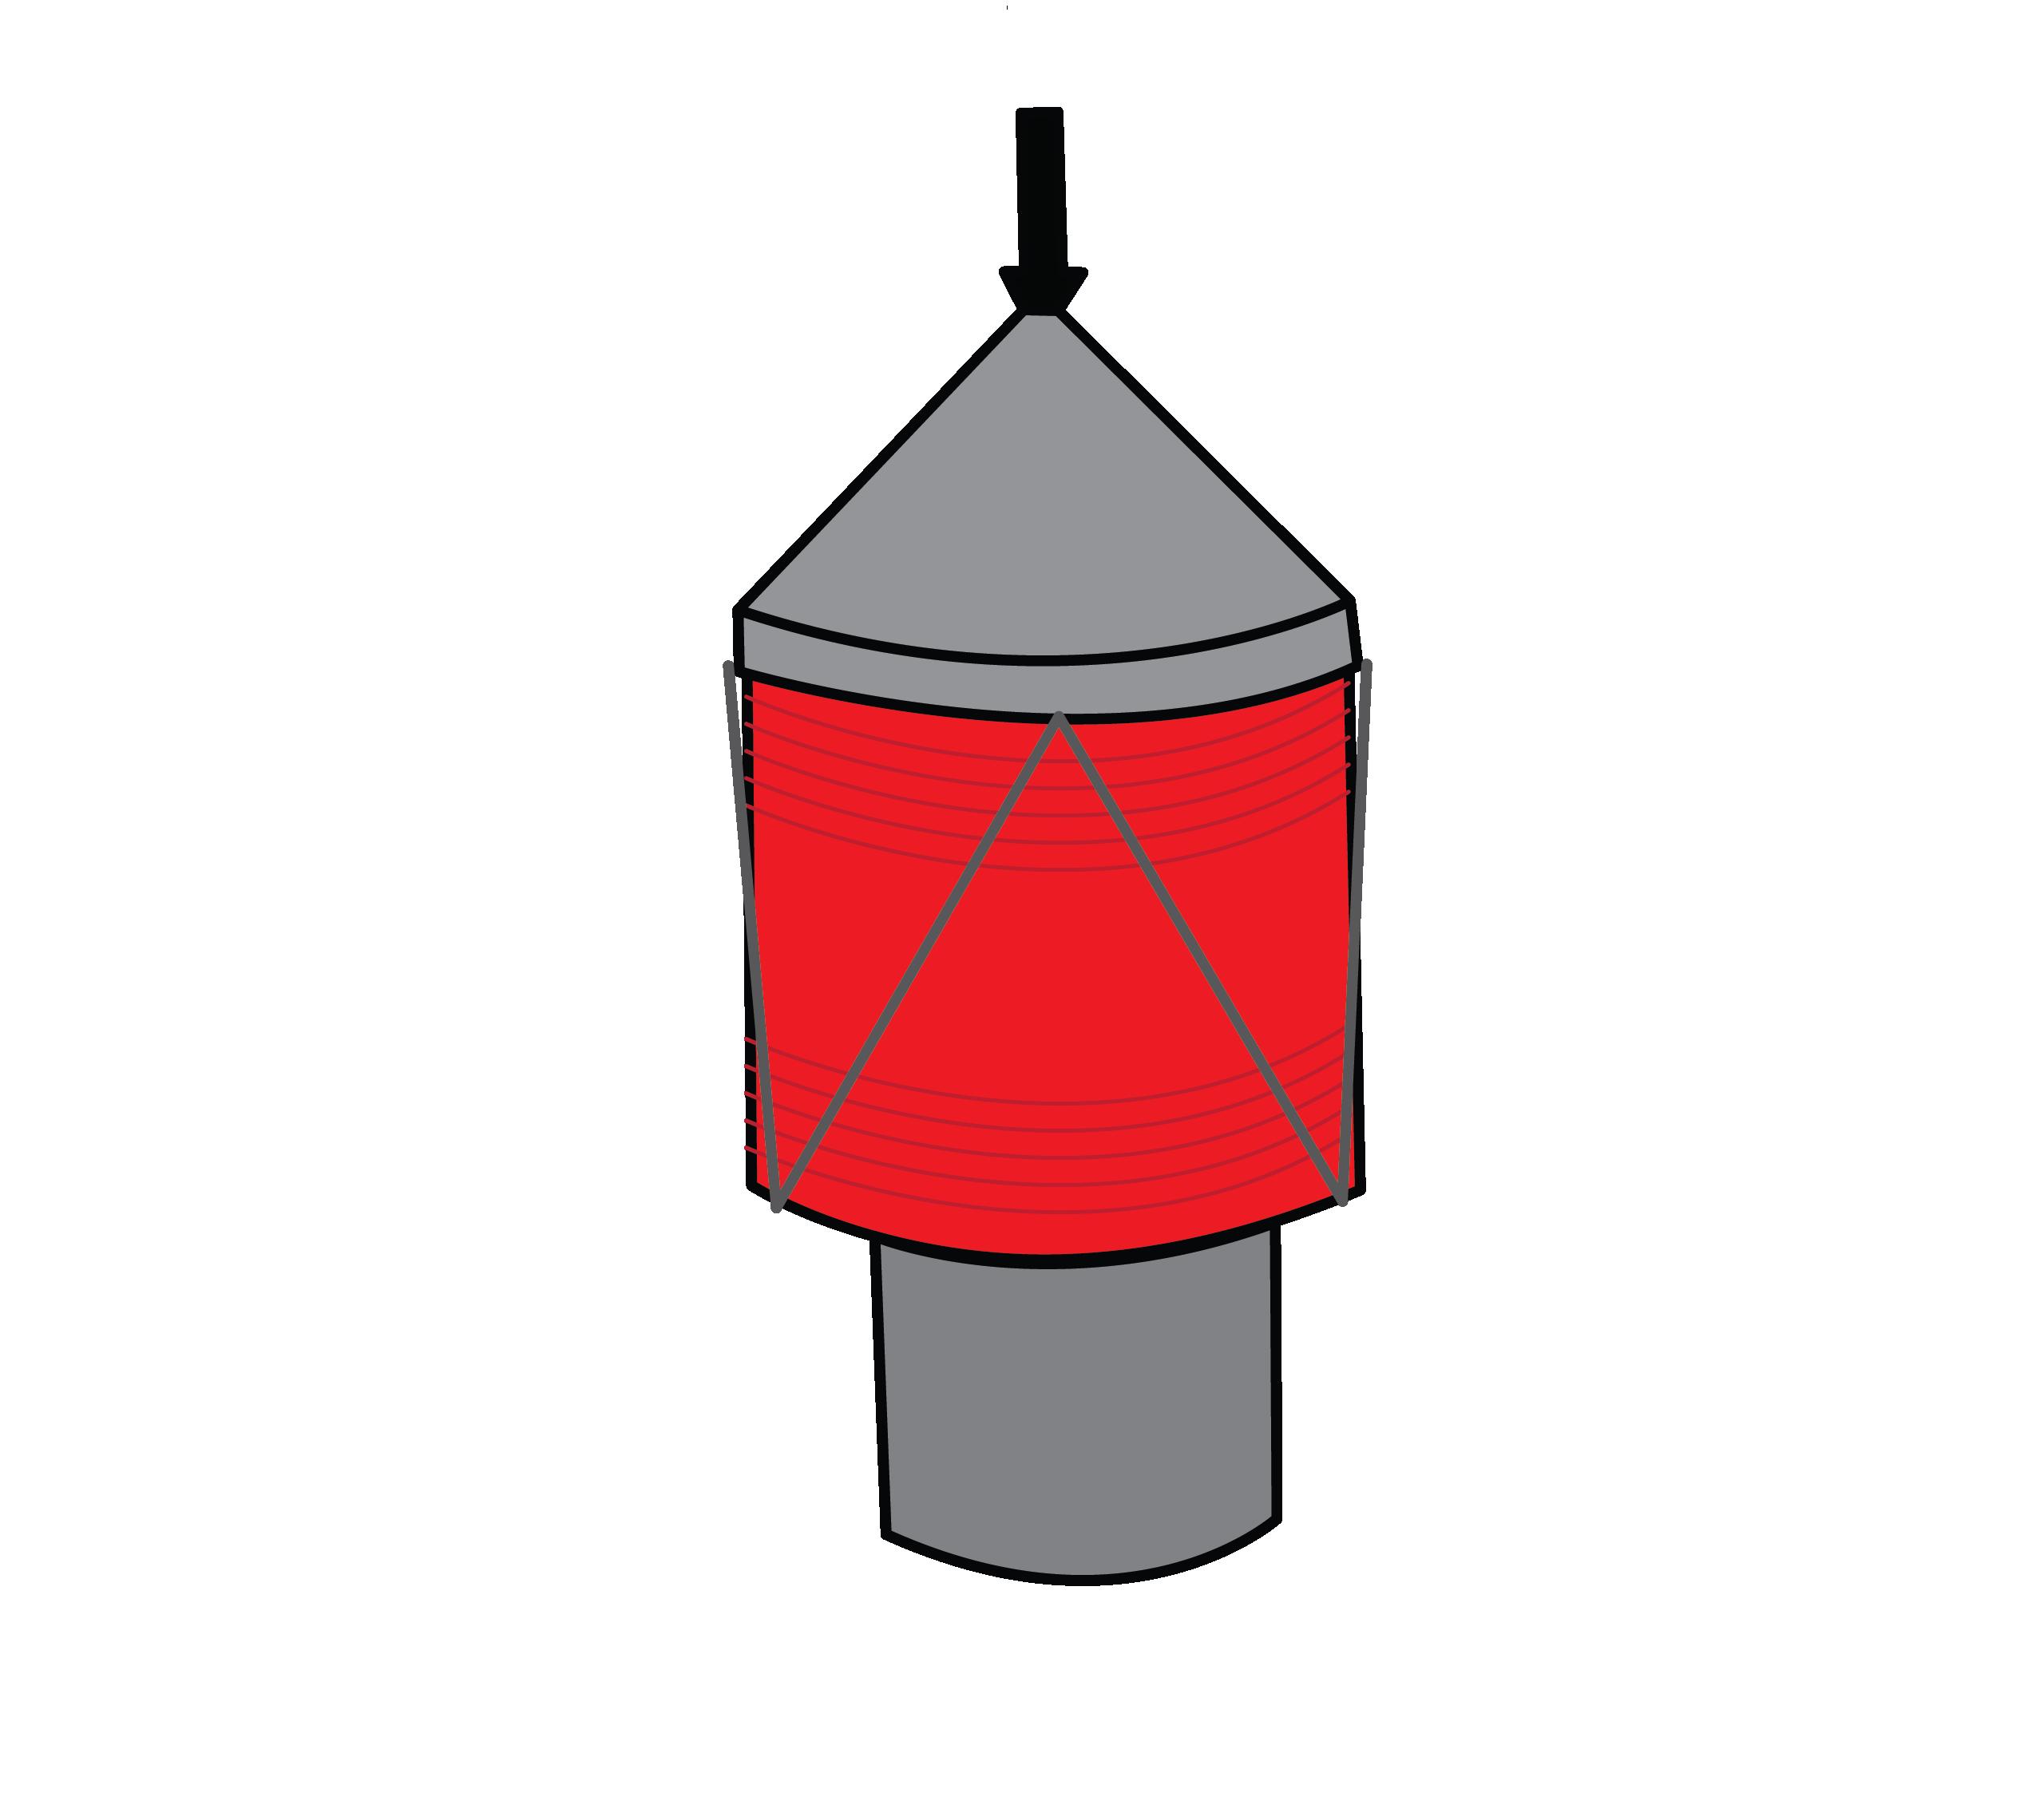 hydraunav_lanterne_bouee-01-01